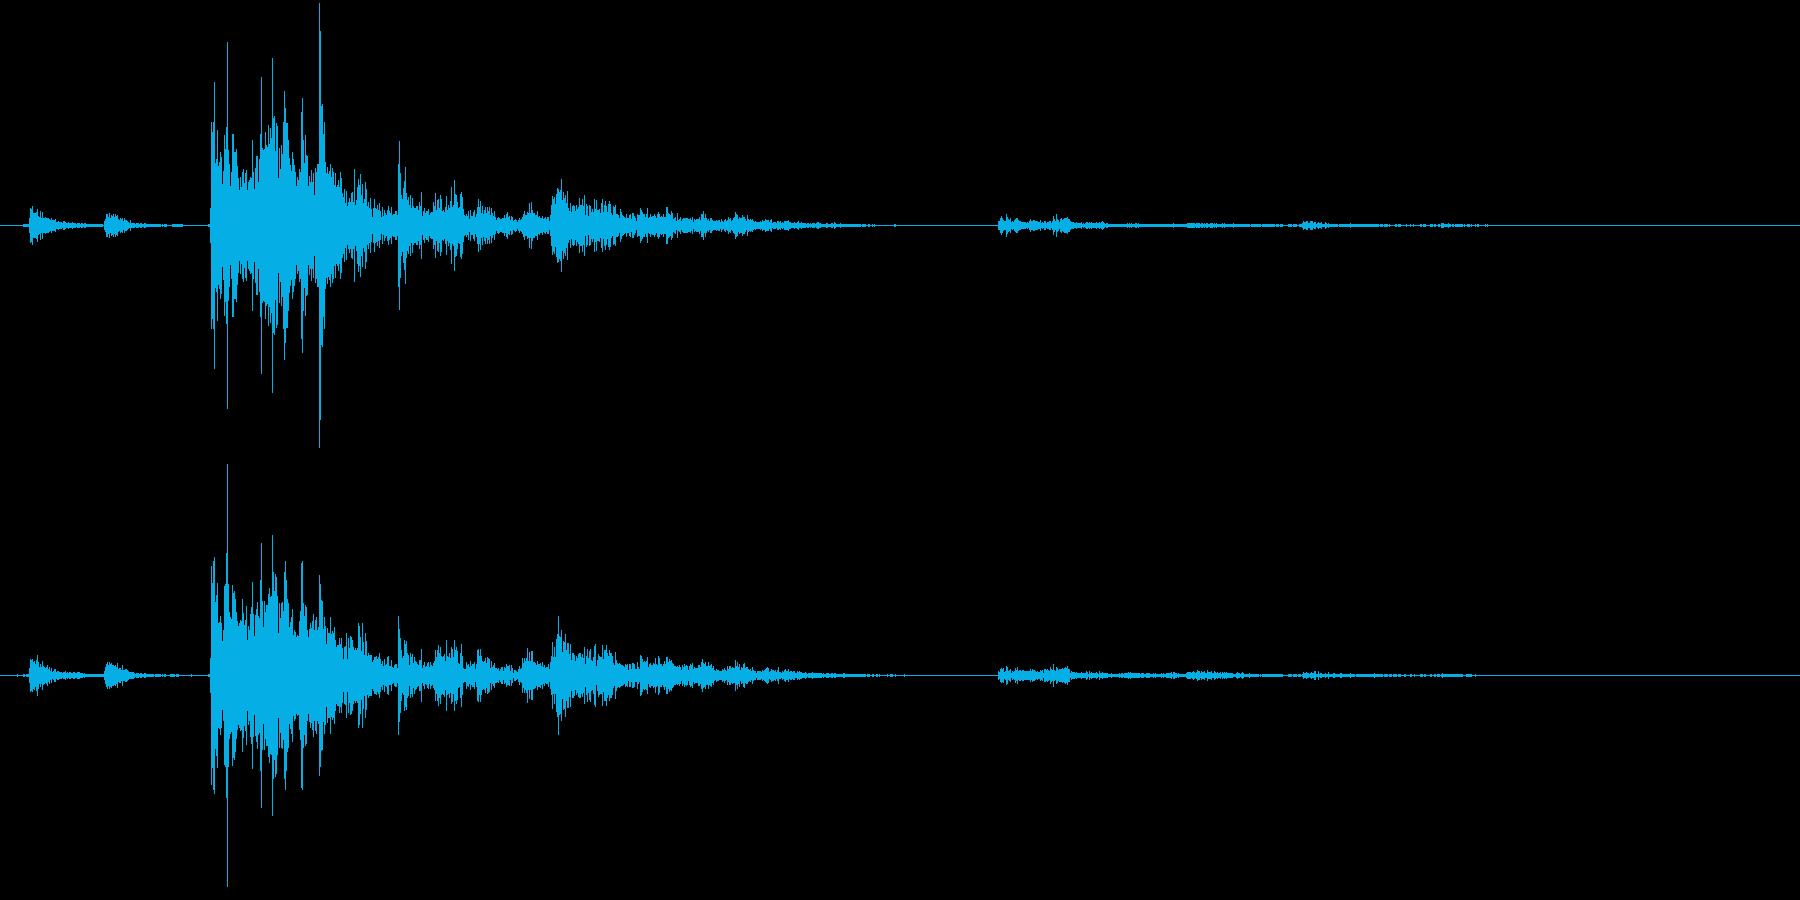 【生録音】ゴミの音 13 投げ捨てるの再生済みの波形